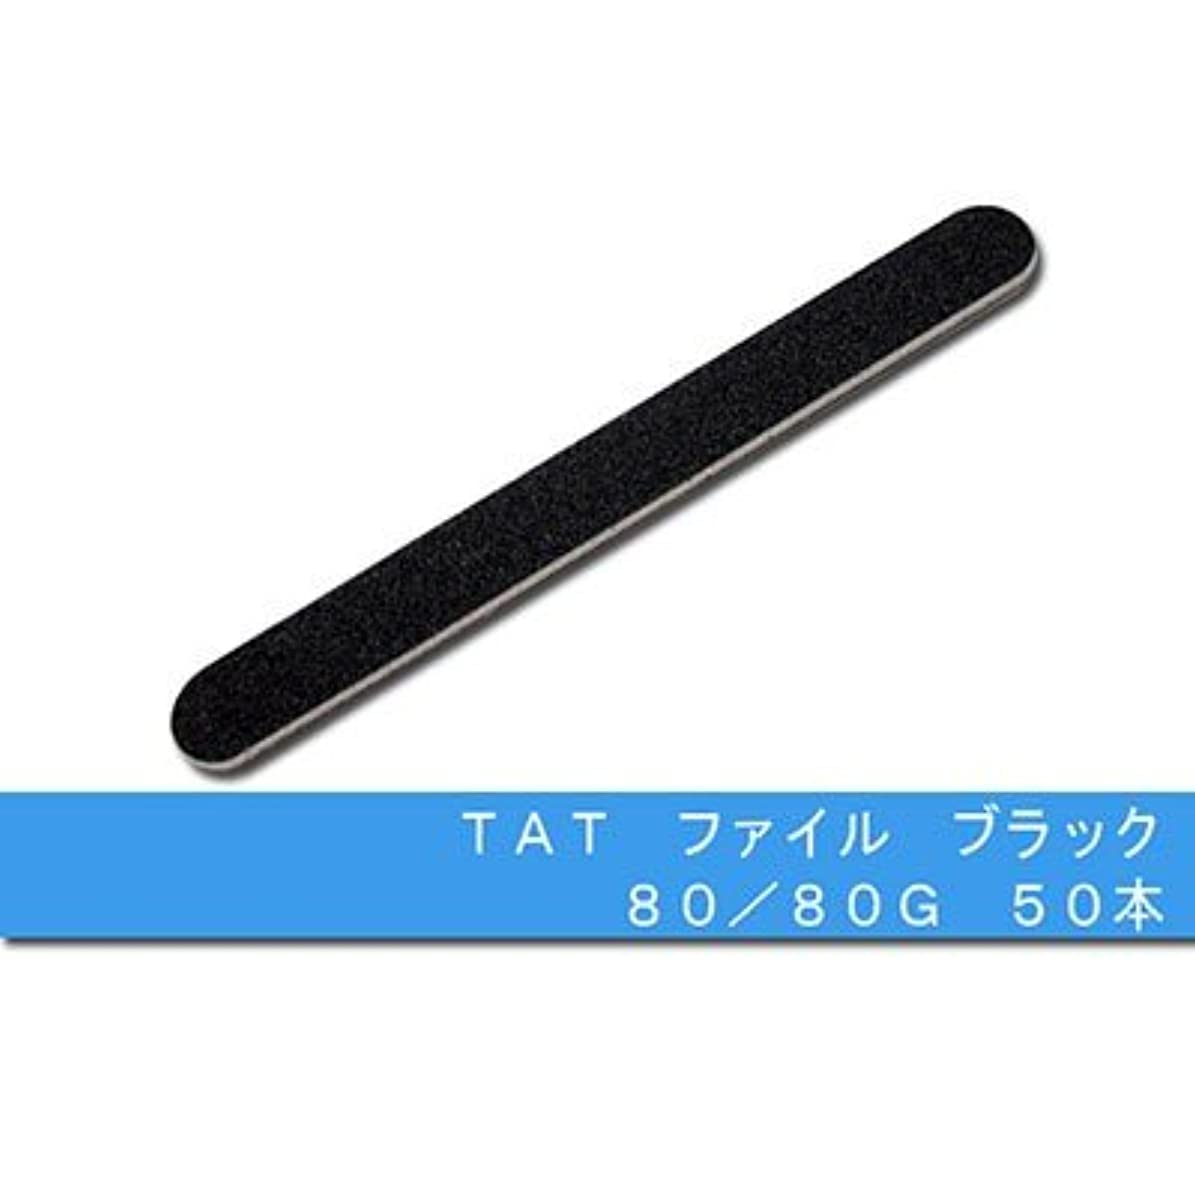 おばさん貧困提案TAT ファイル ブラック 80/80G 50本